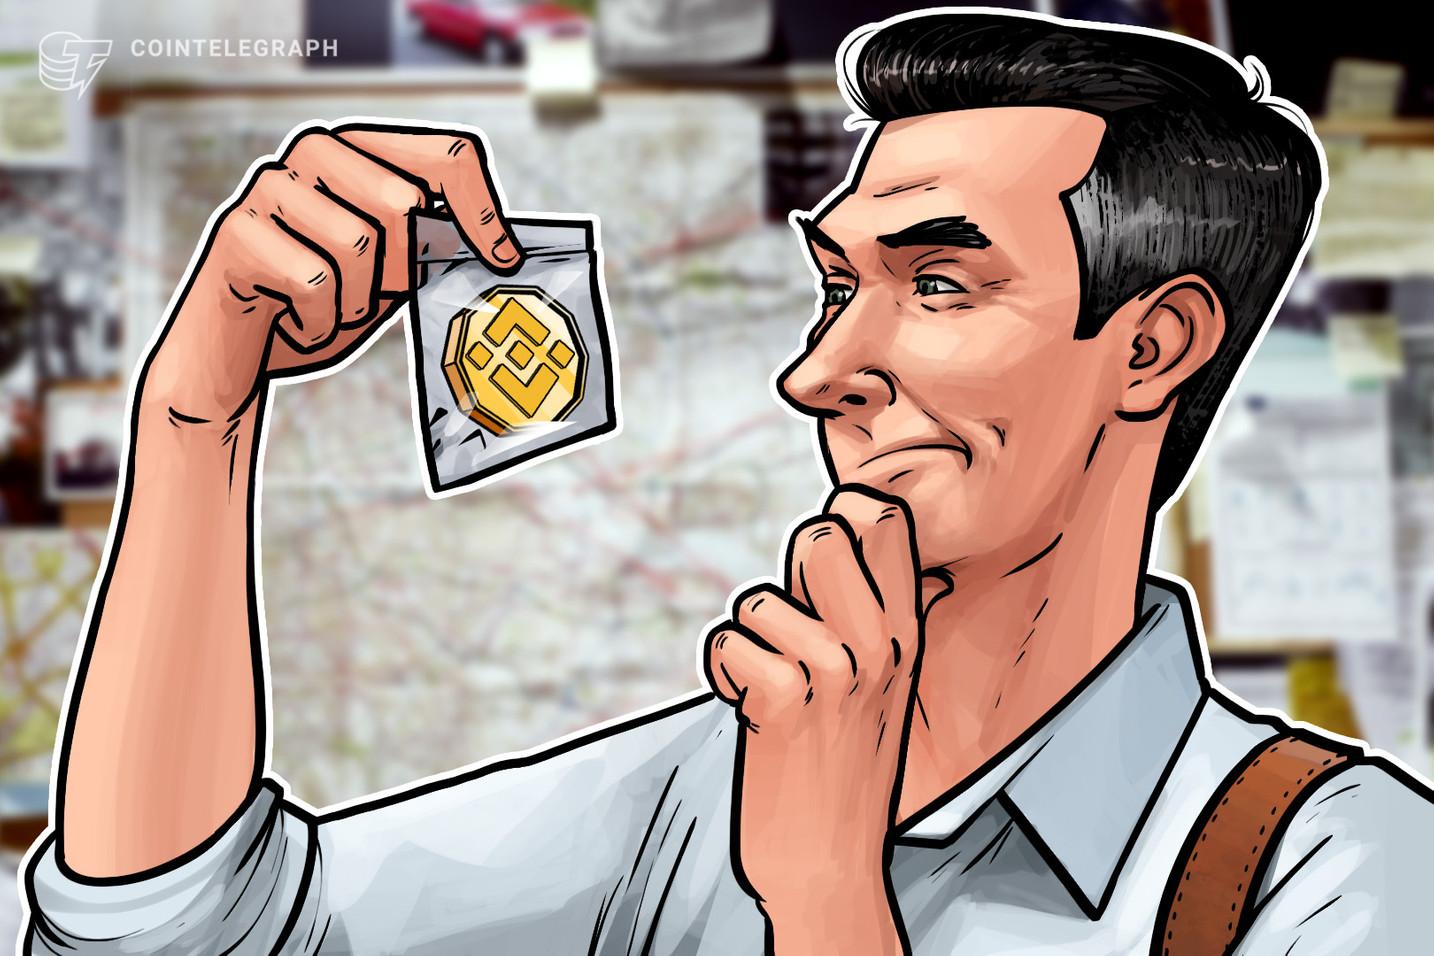 US-Behörde CFTC ermittelt angeblich gegen führende Kryptobörse Binance